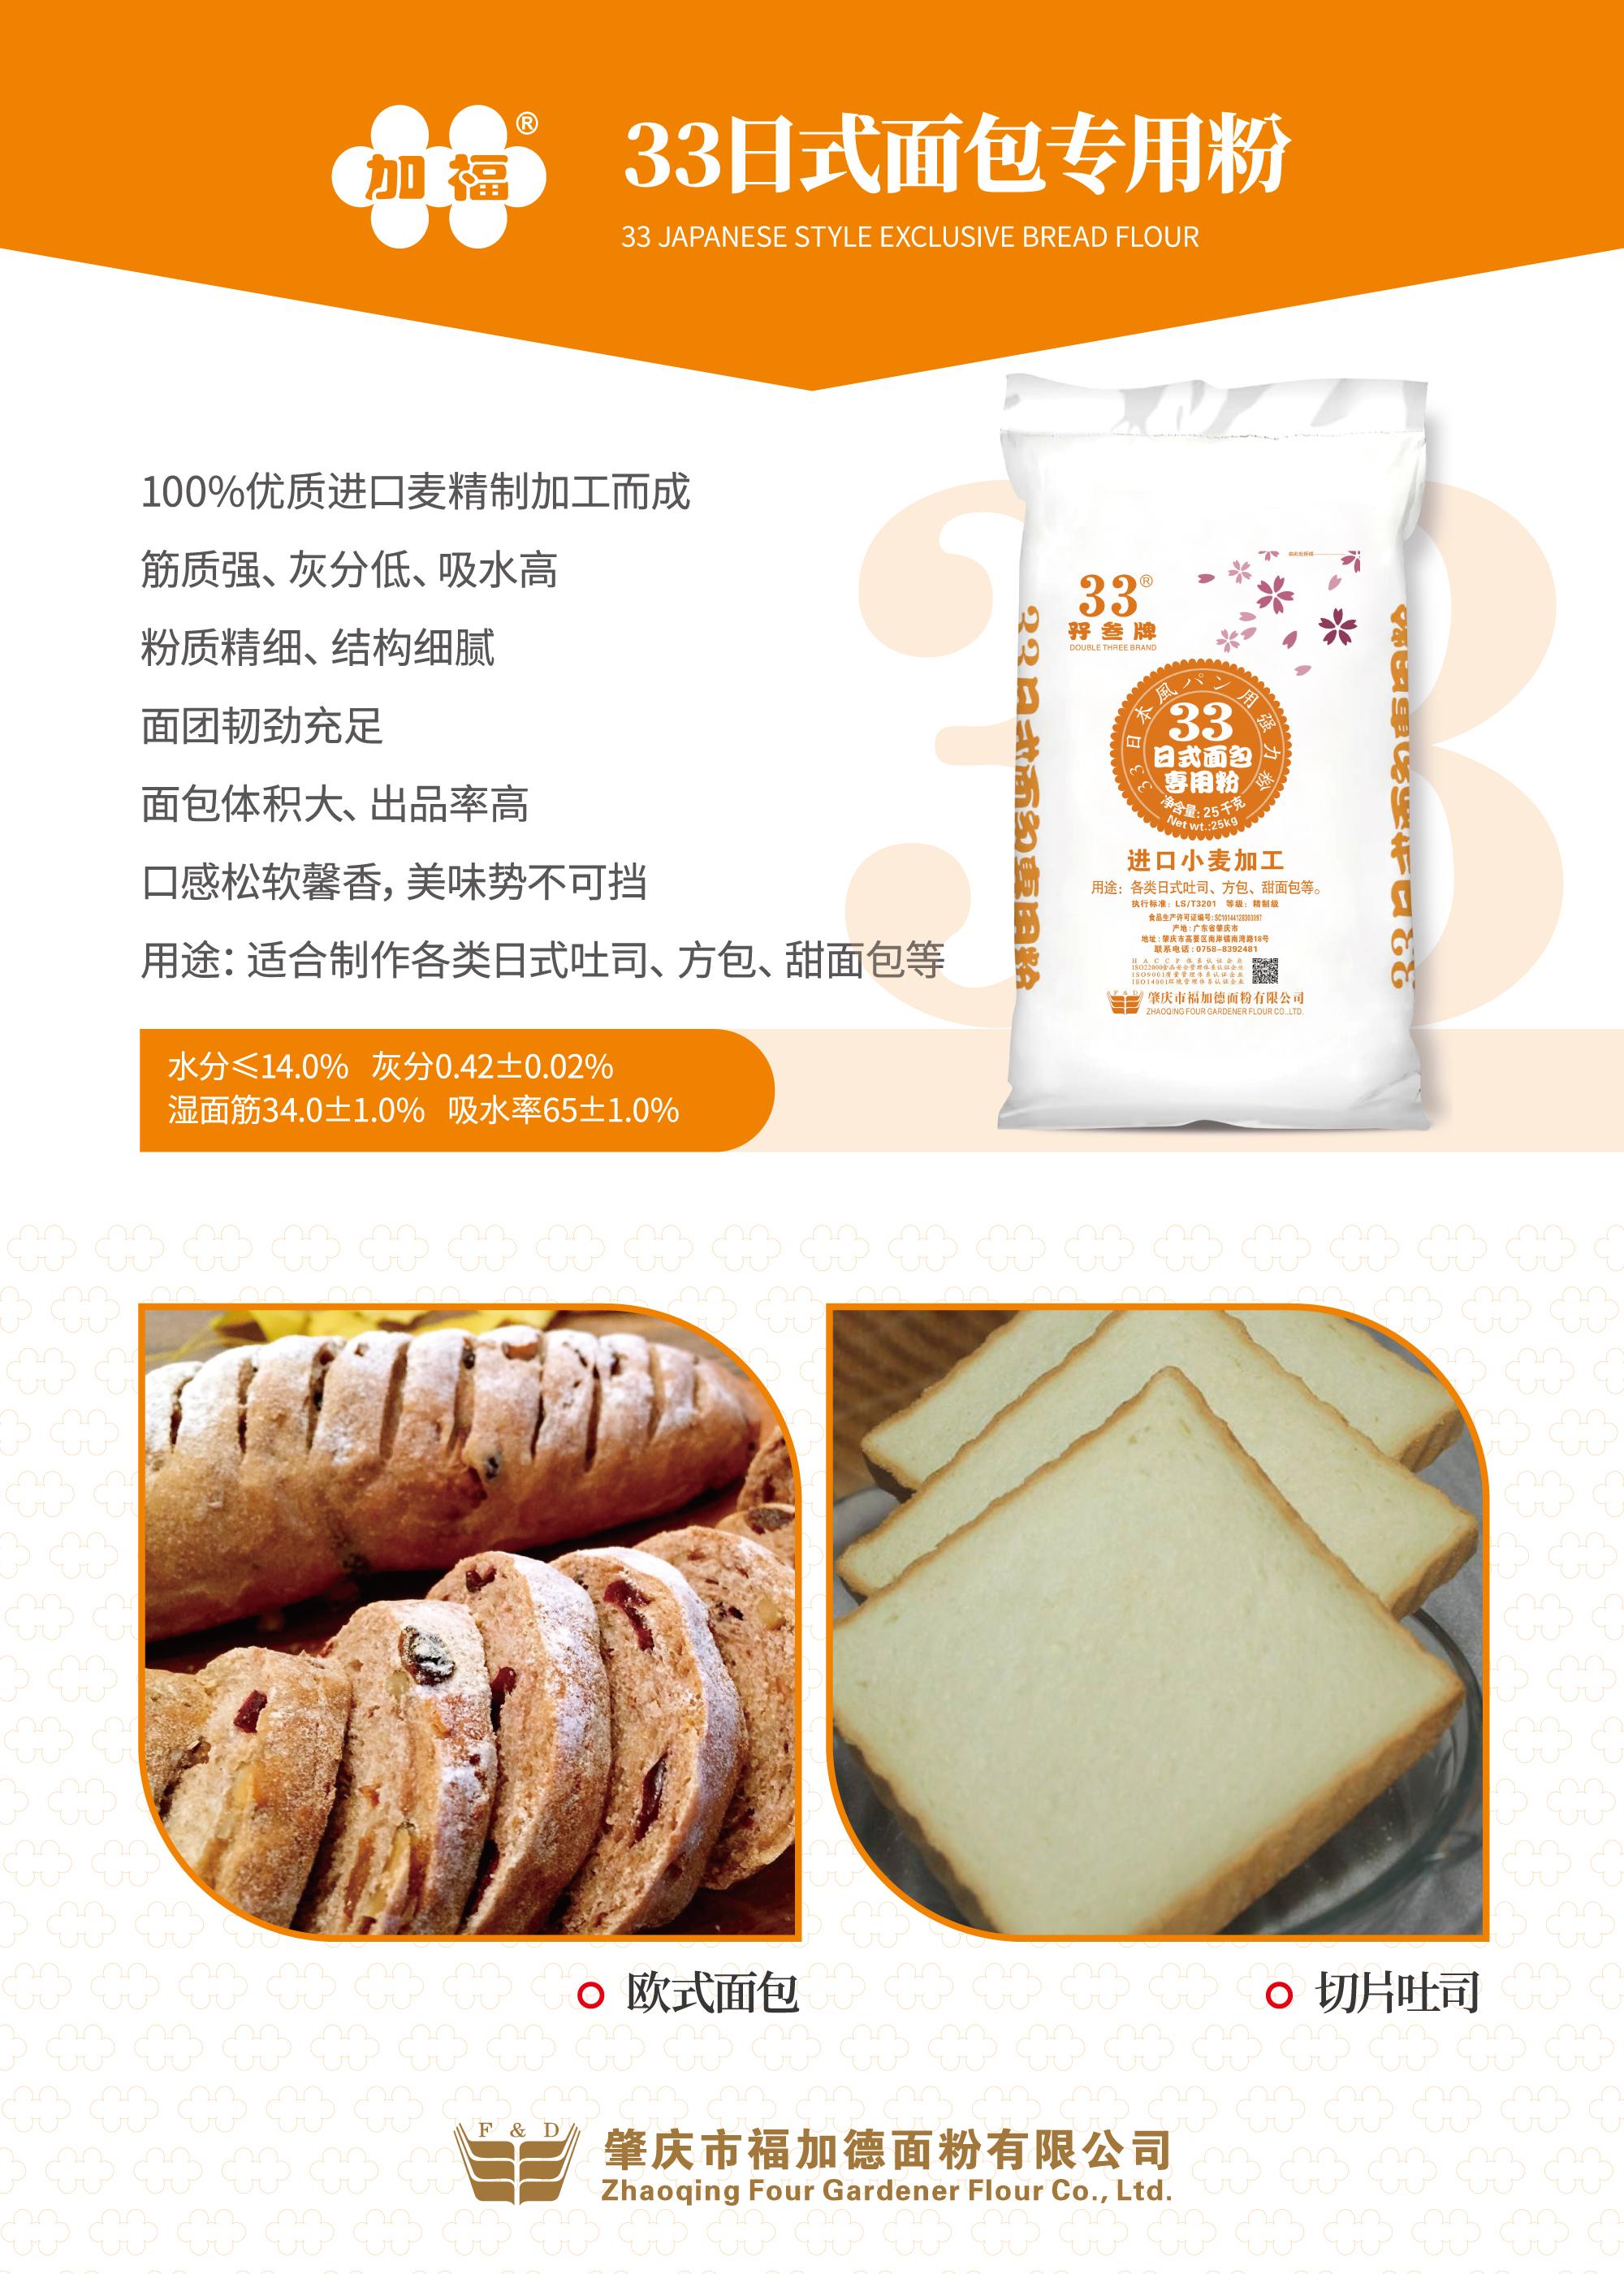 33日式面包专用粉海报图50×70cm